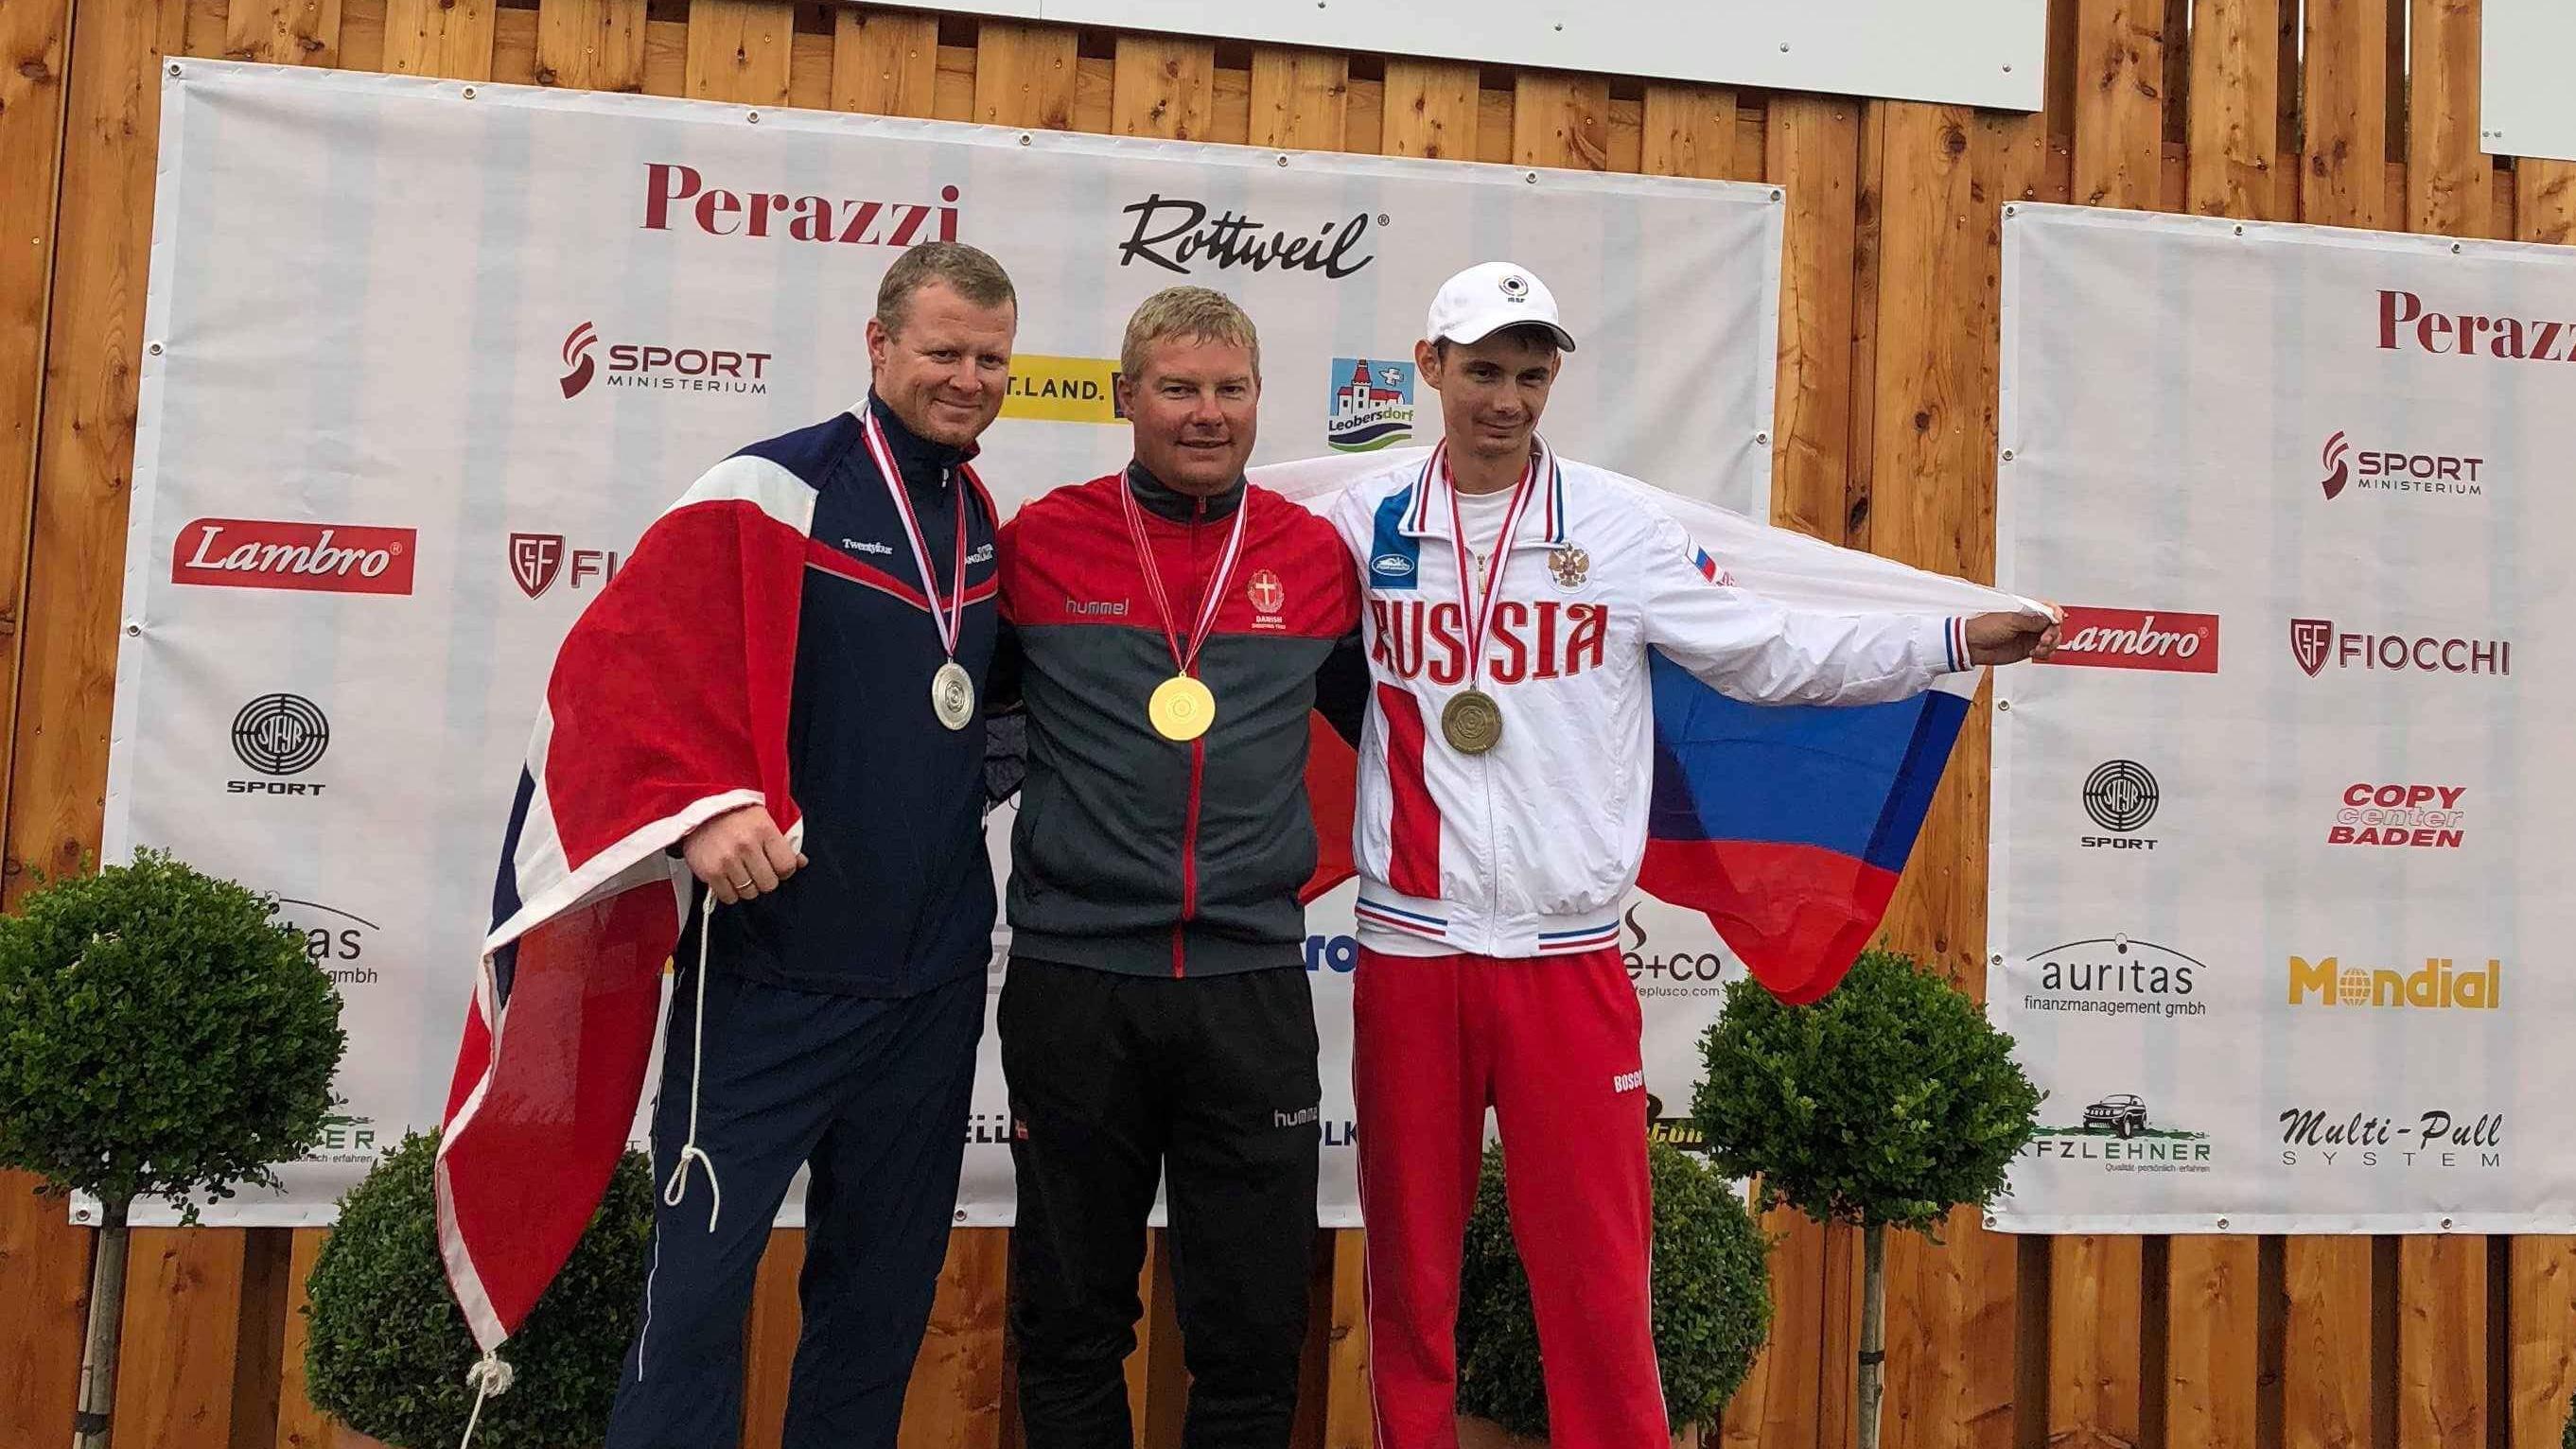 jesper-hansen-skeet-em-medaljeoverraekkelse3.jpg